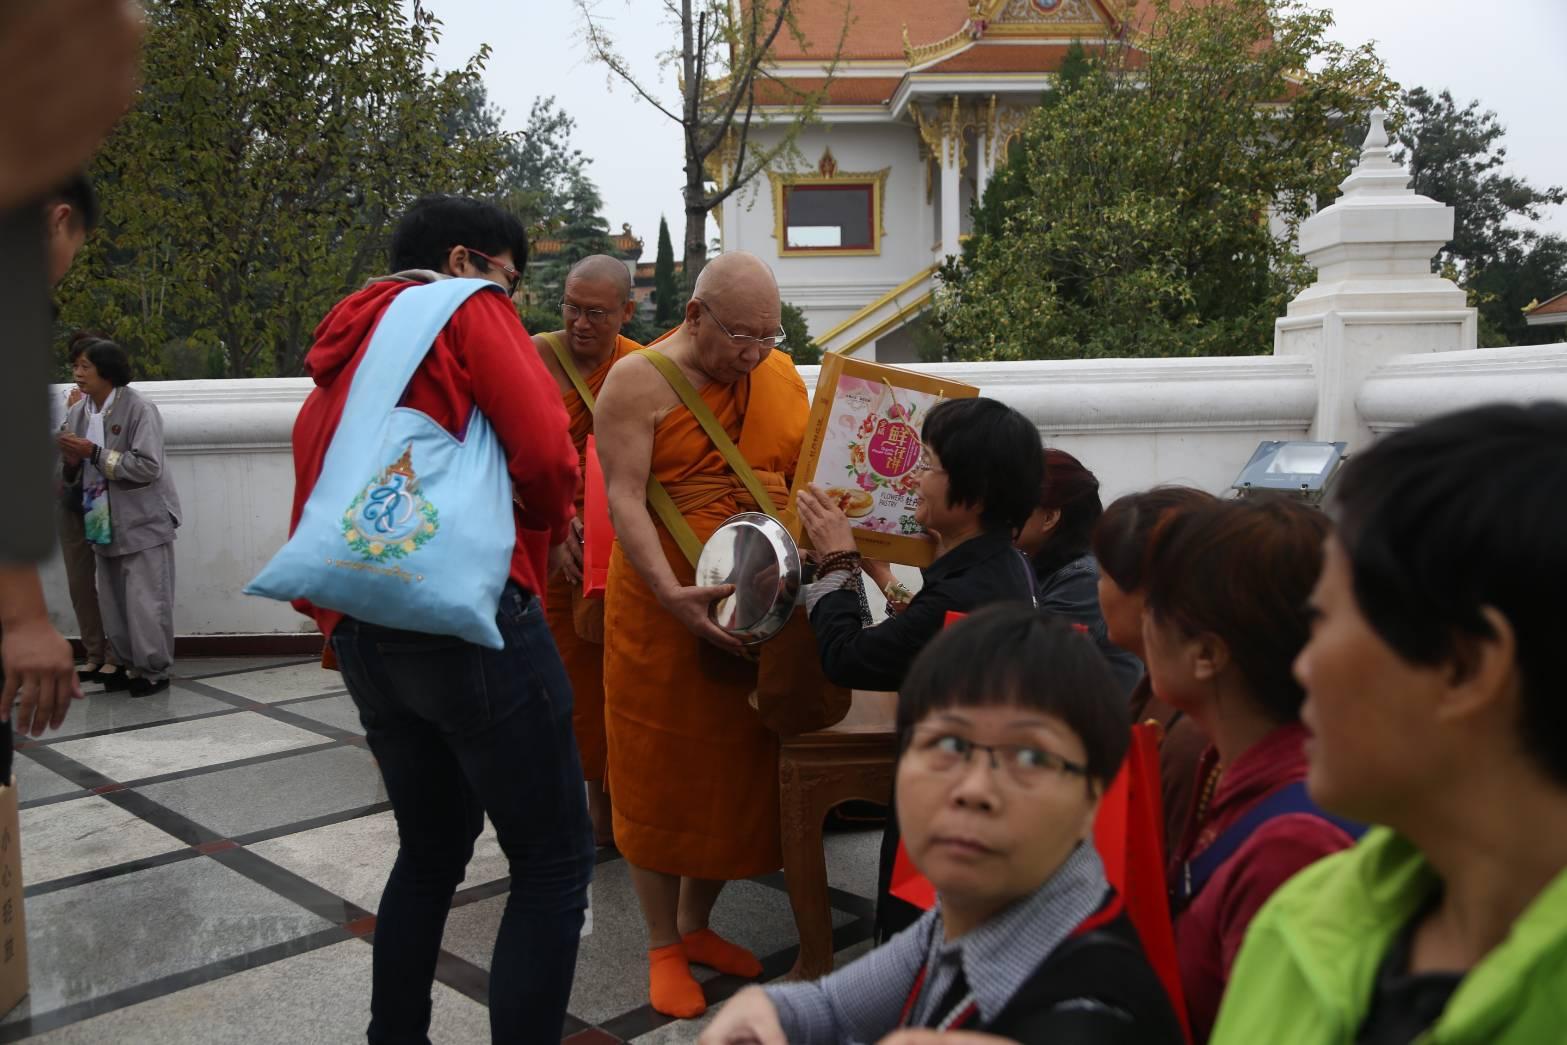 610924-27 พระพรหมวชิรญาณประธานพิธีสมโภชวัดเหมอัศวาราม จีน 13